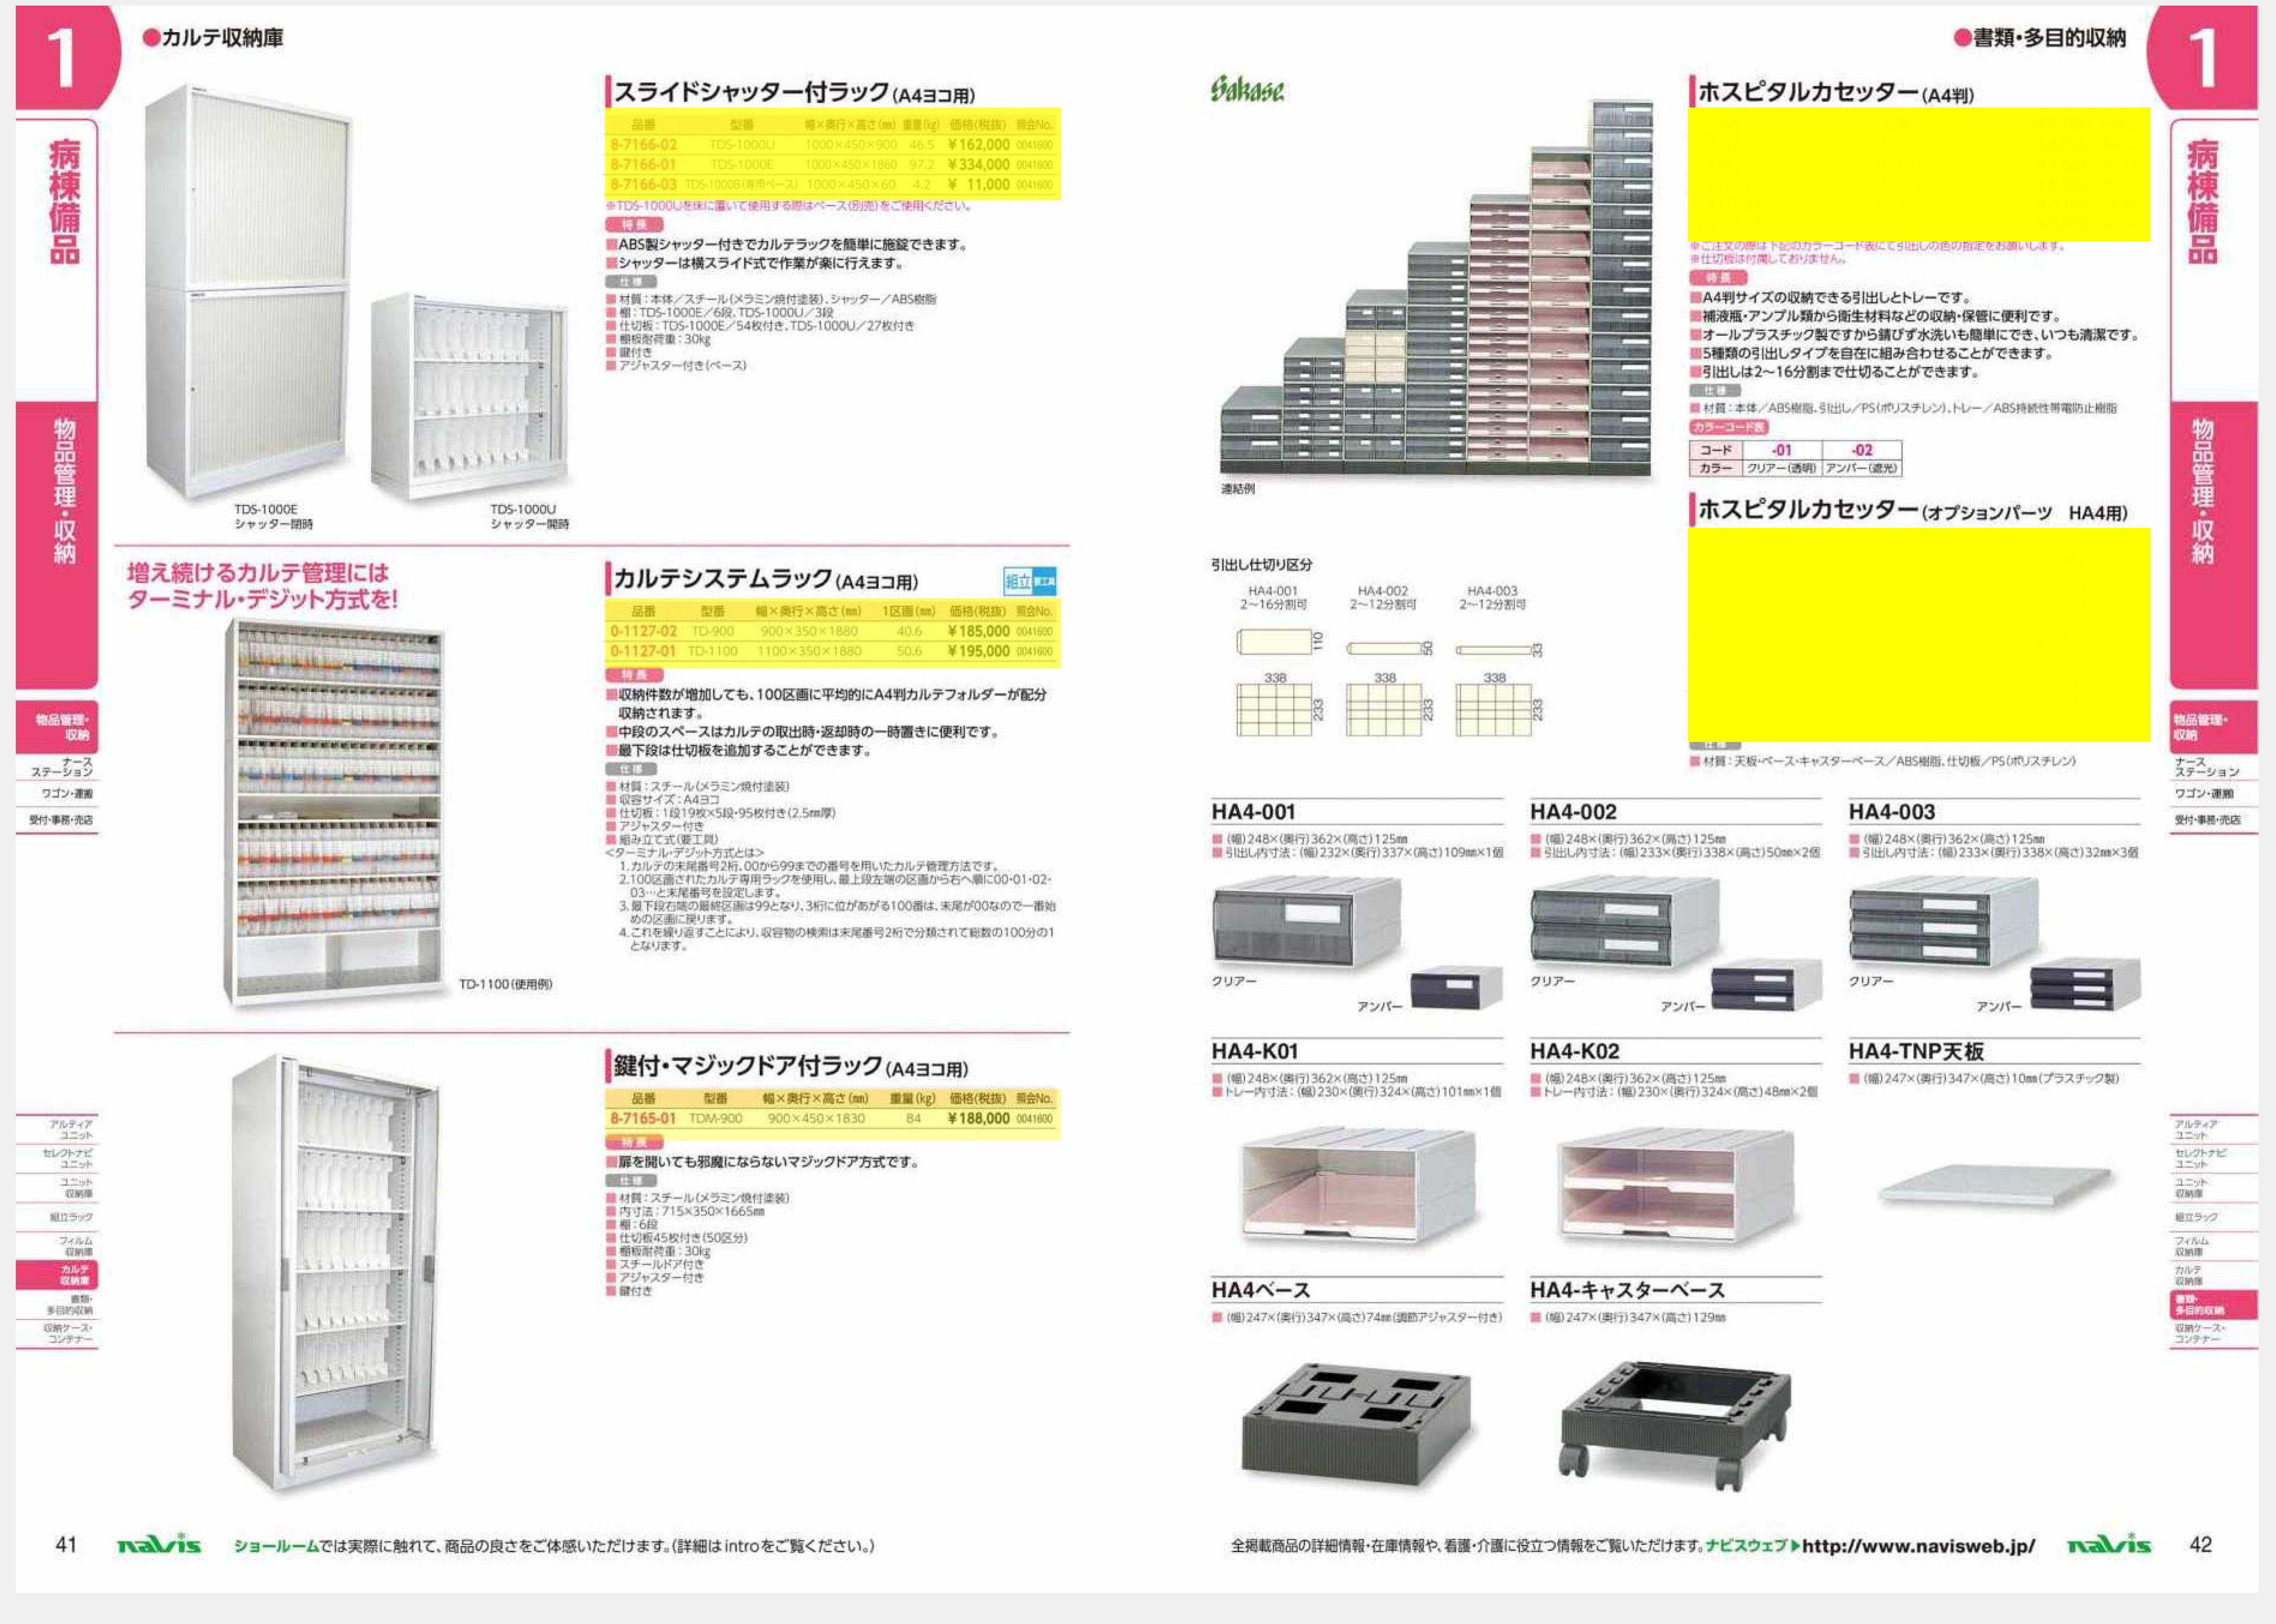 ナビス50000 サカセ 0-2470-02 ホスピタルカセッター(A4判) HA4−003 アンバー 248×362×125mm[個](as1-0-2470-02)